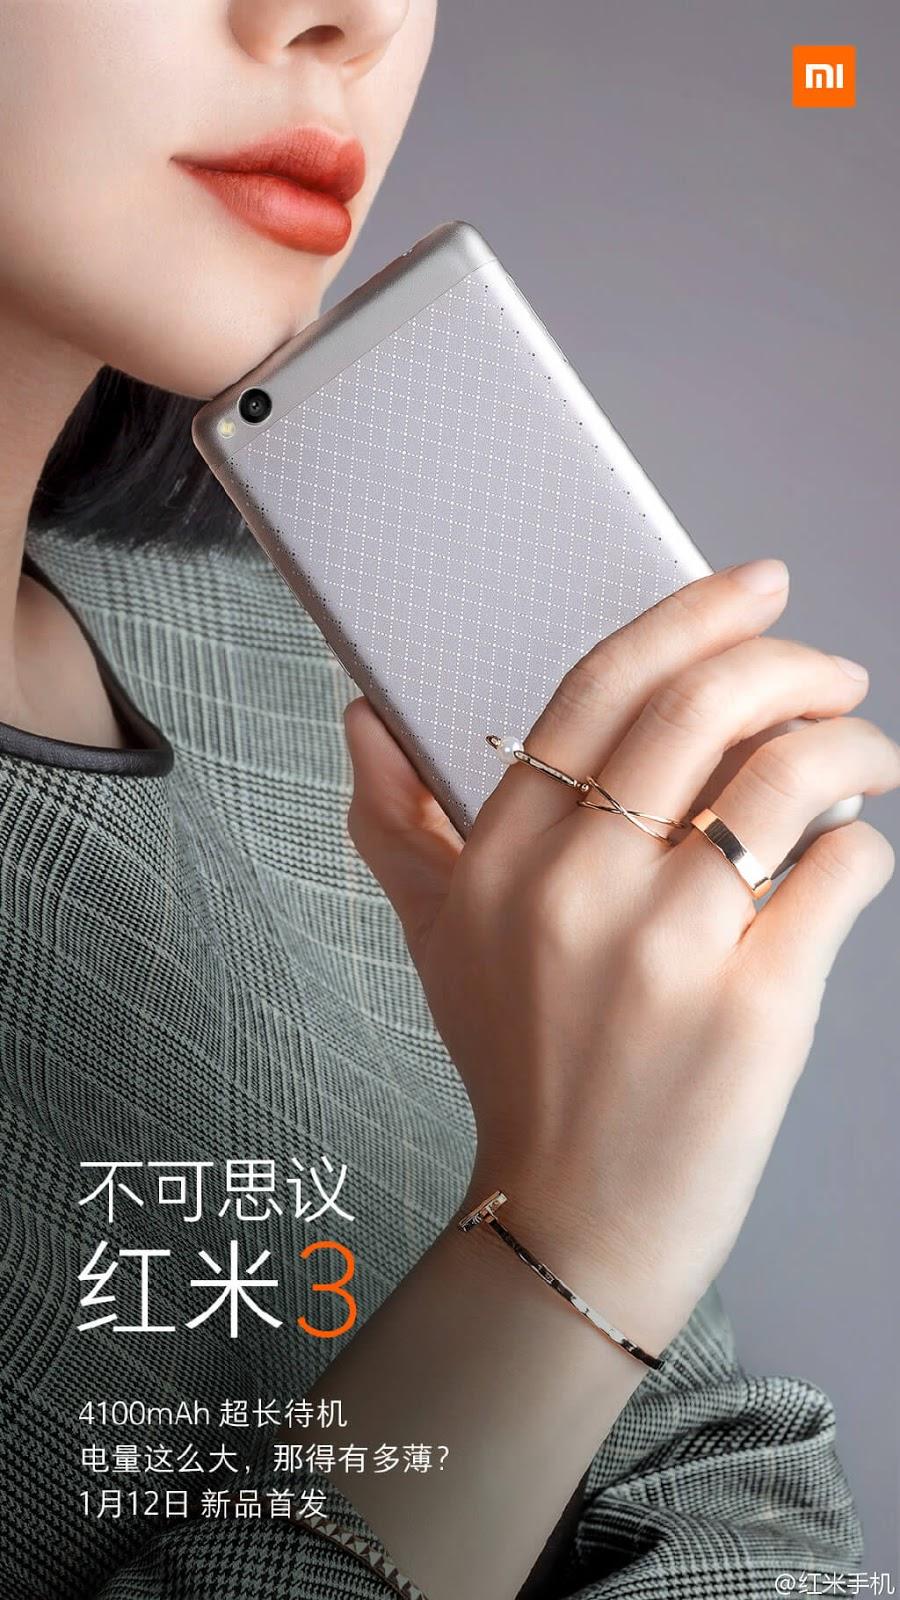 Xiaomi Redmi 3 leak